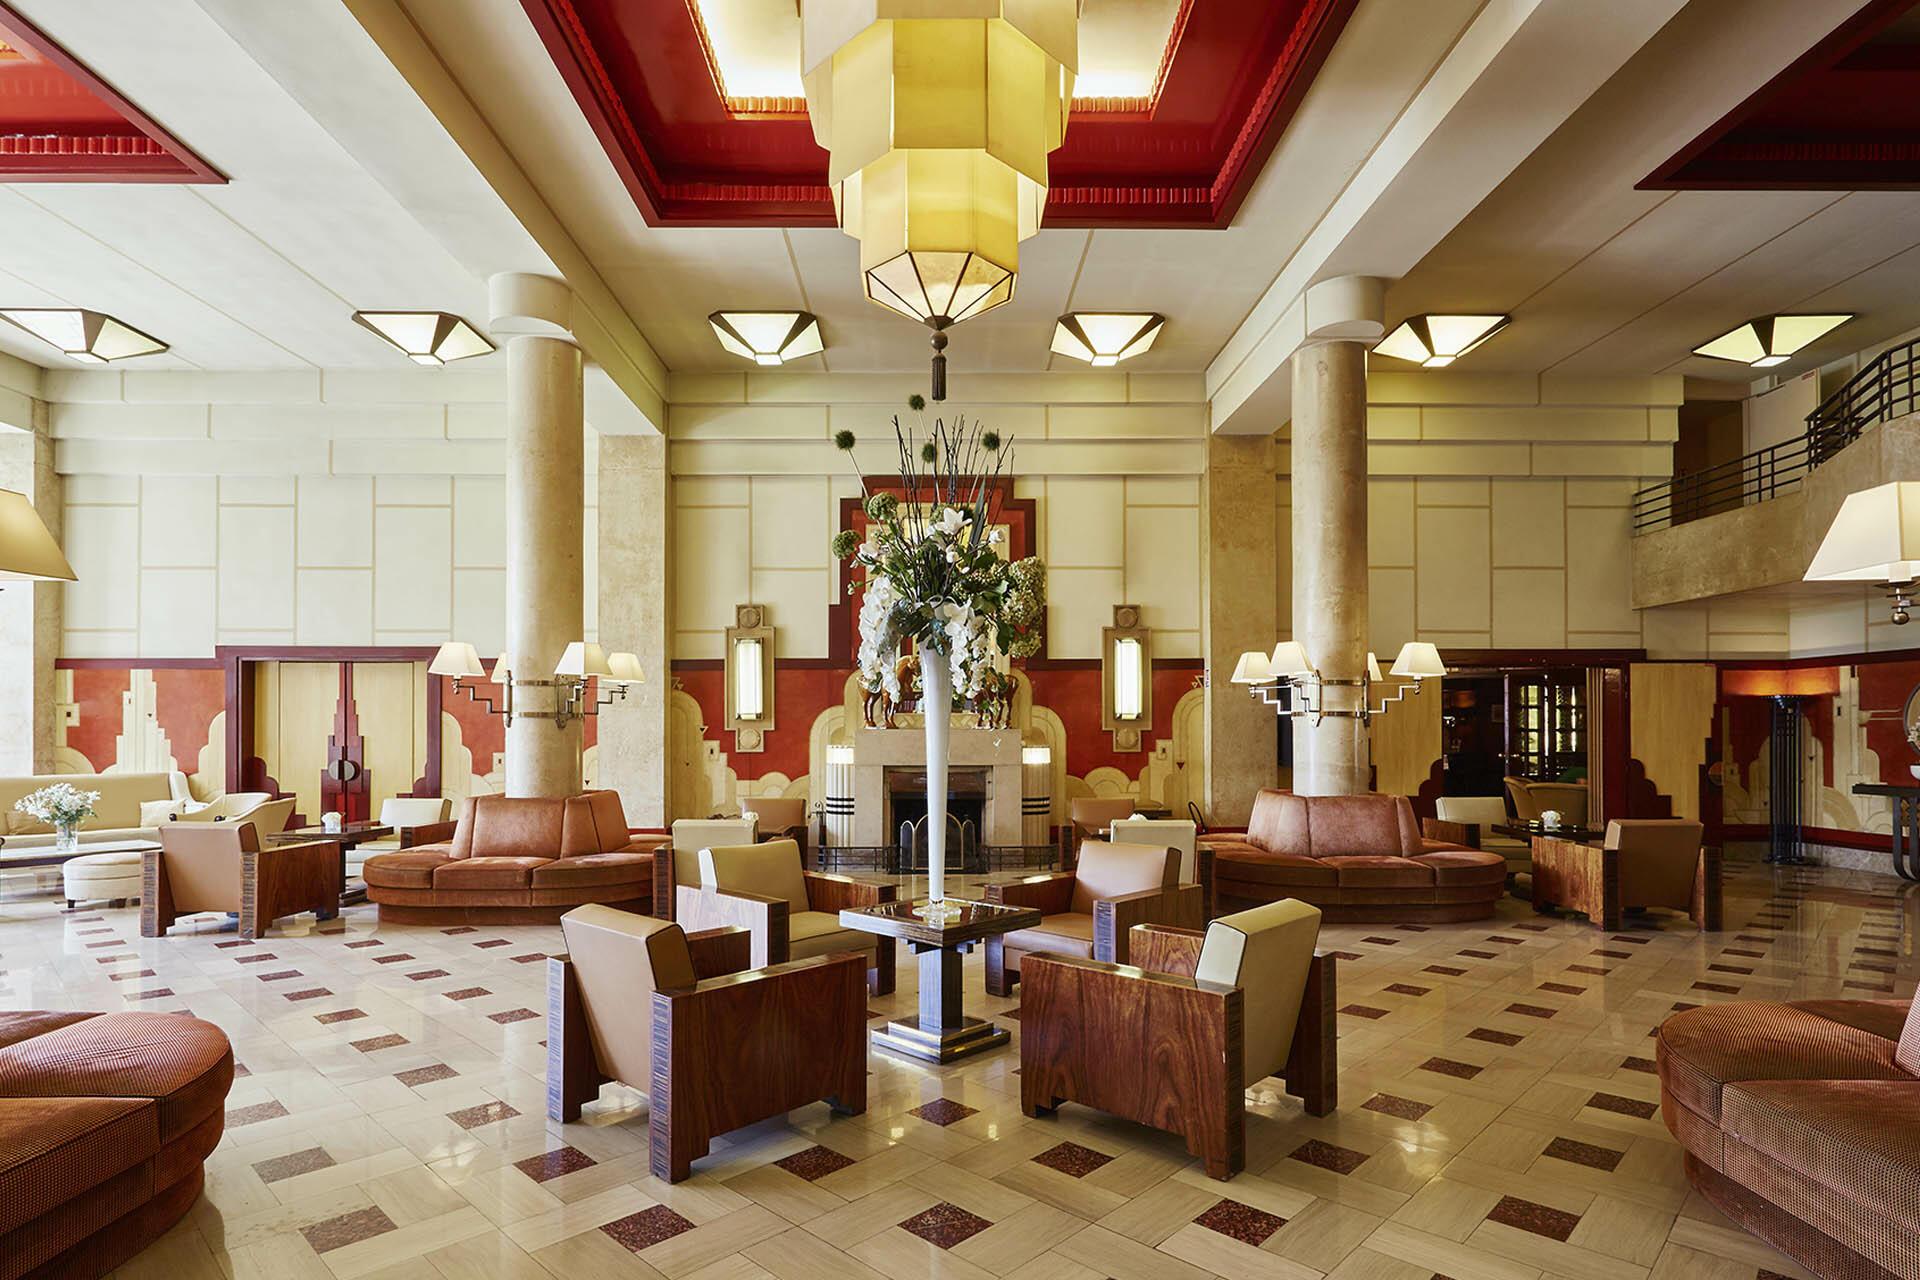 Hall at Domaine de Divonne Hotel in Divonne-les-Bains